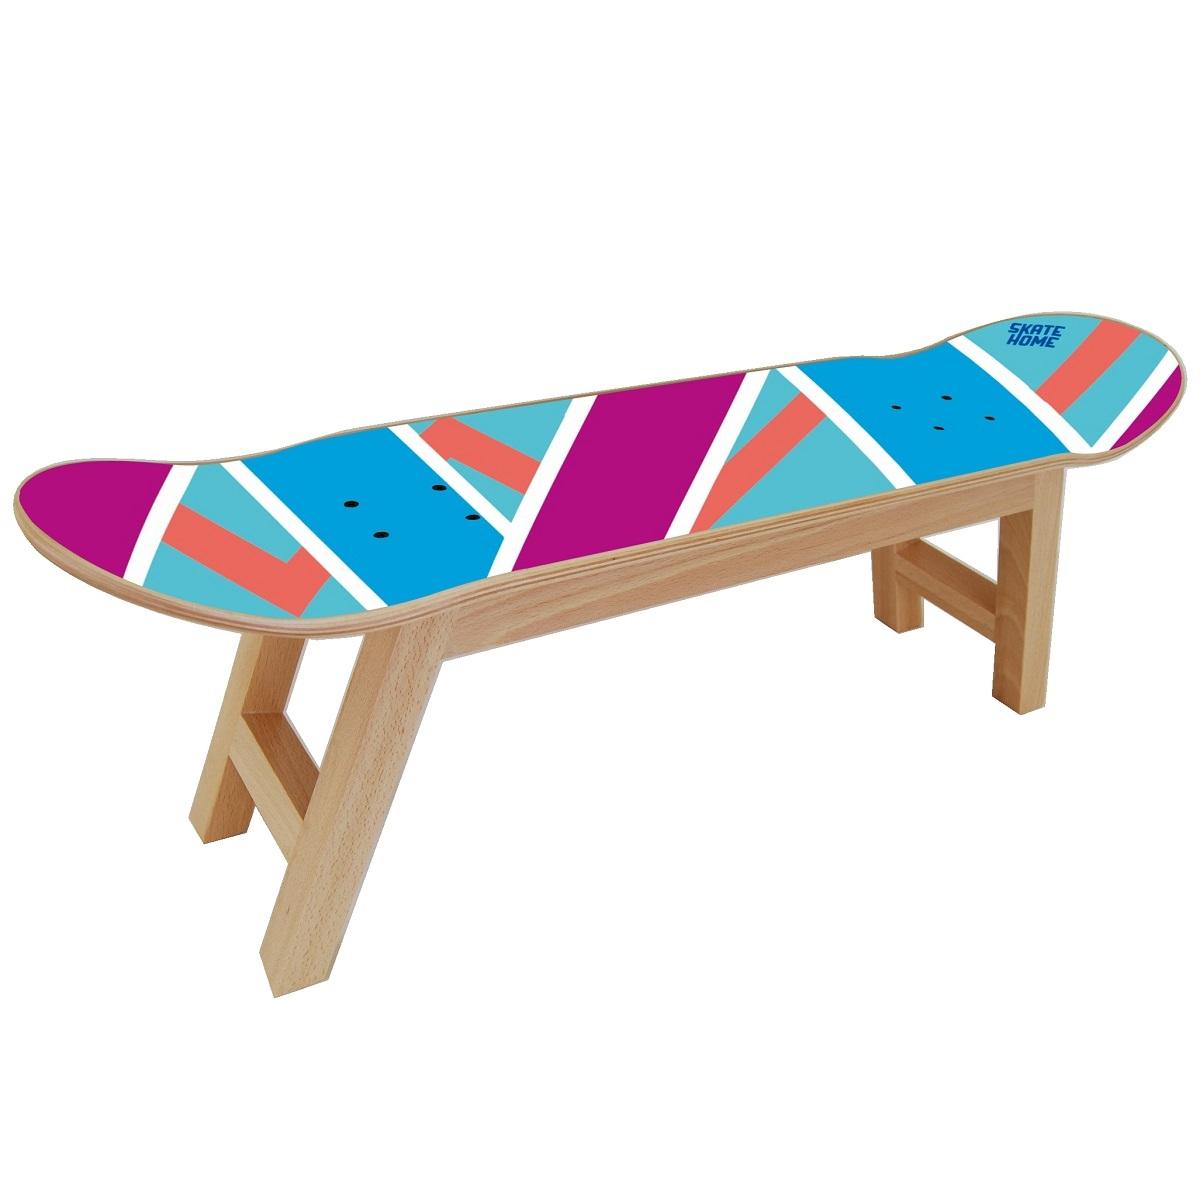 Skate hocker perfekt f r ein skater haus ein originelles geschenk - Skateboard mobel ...